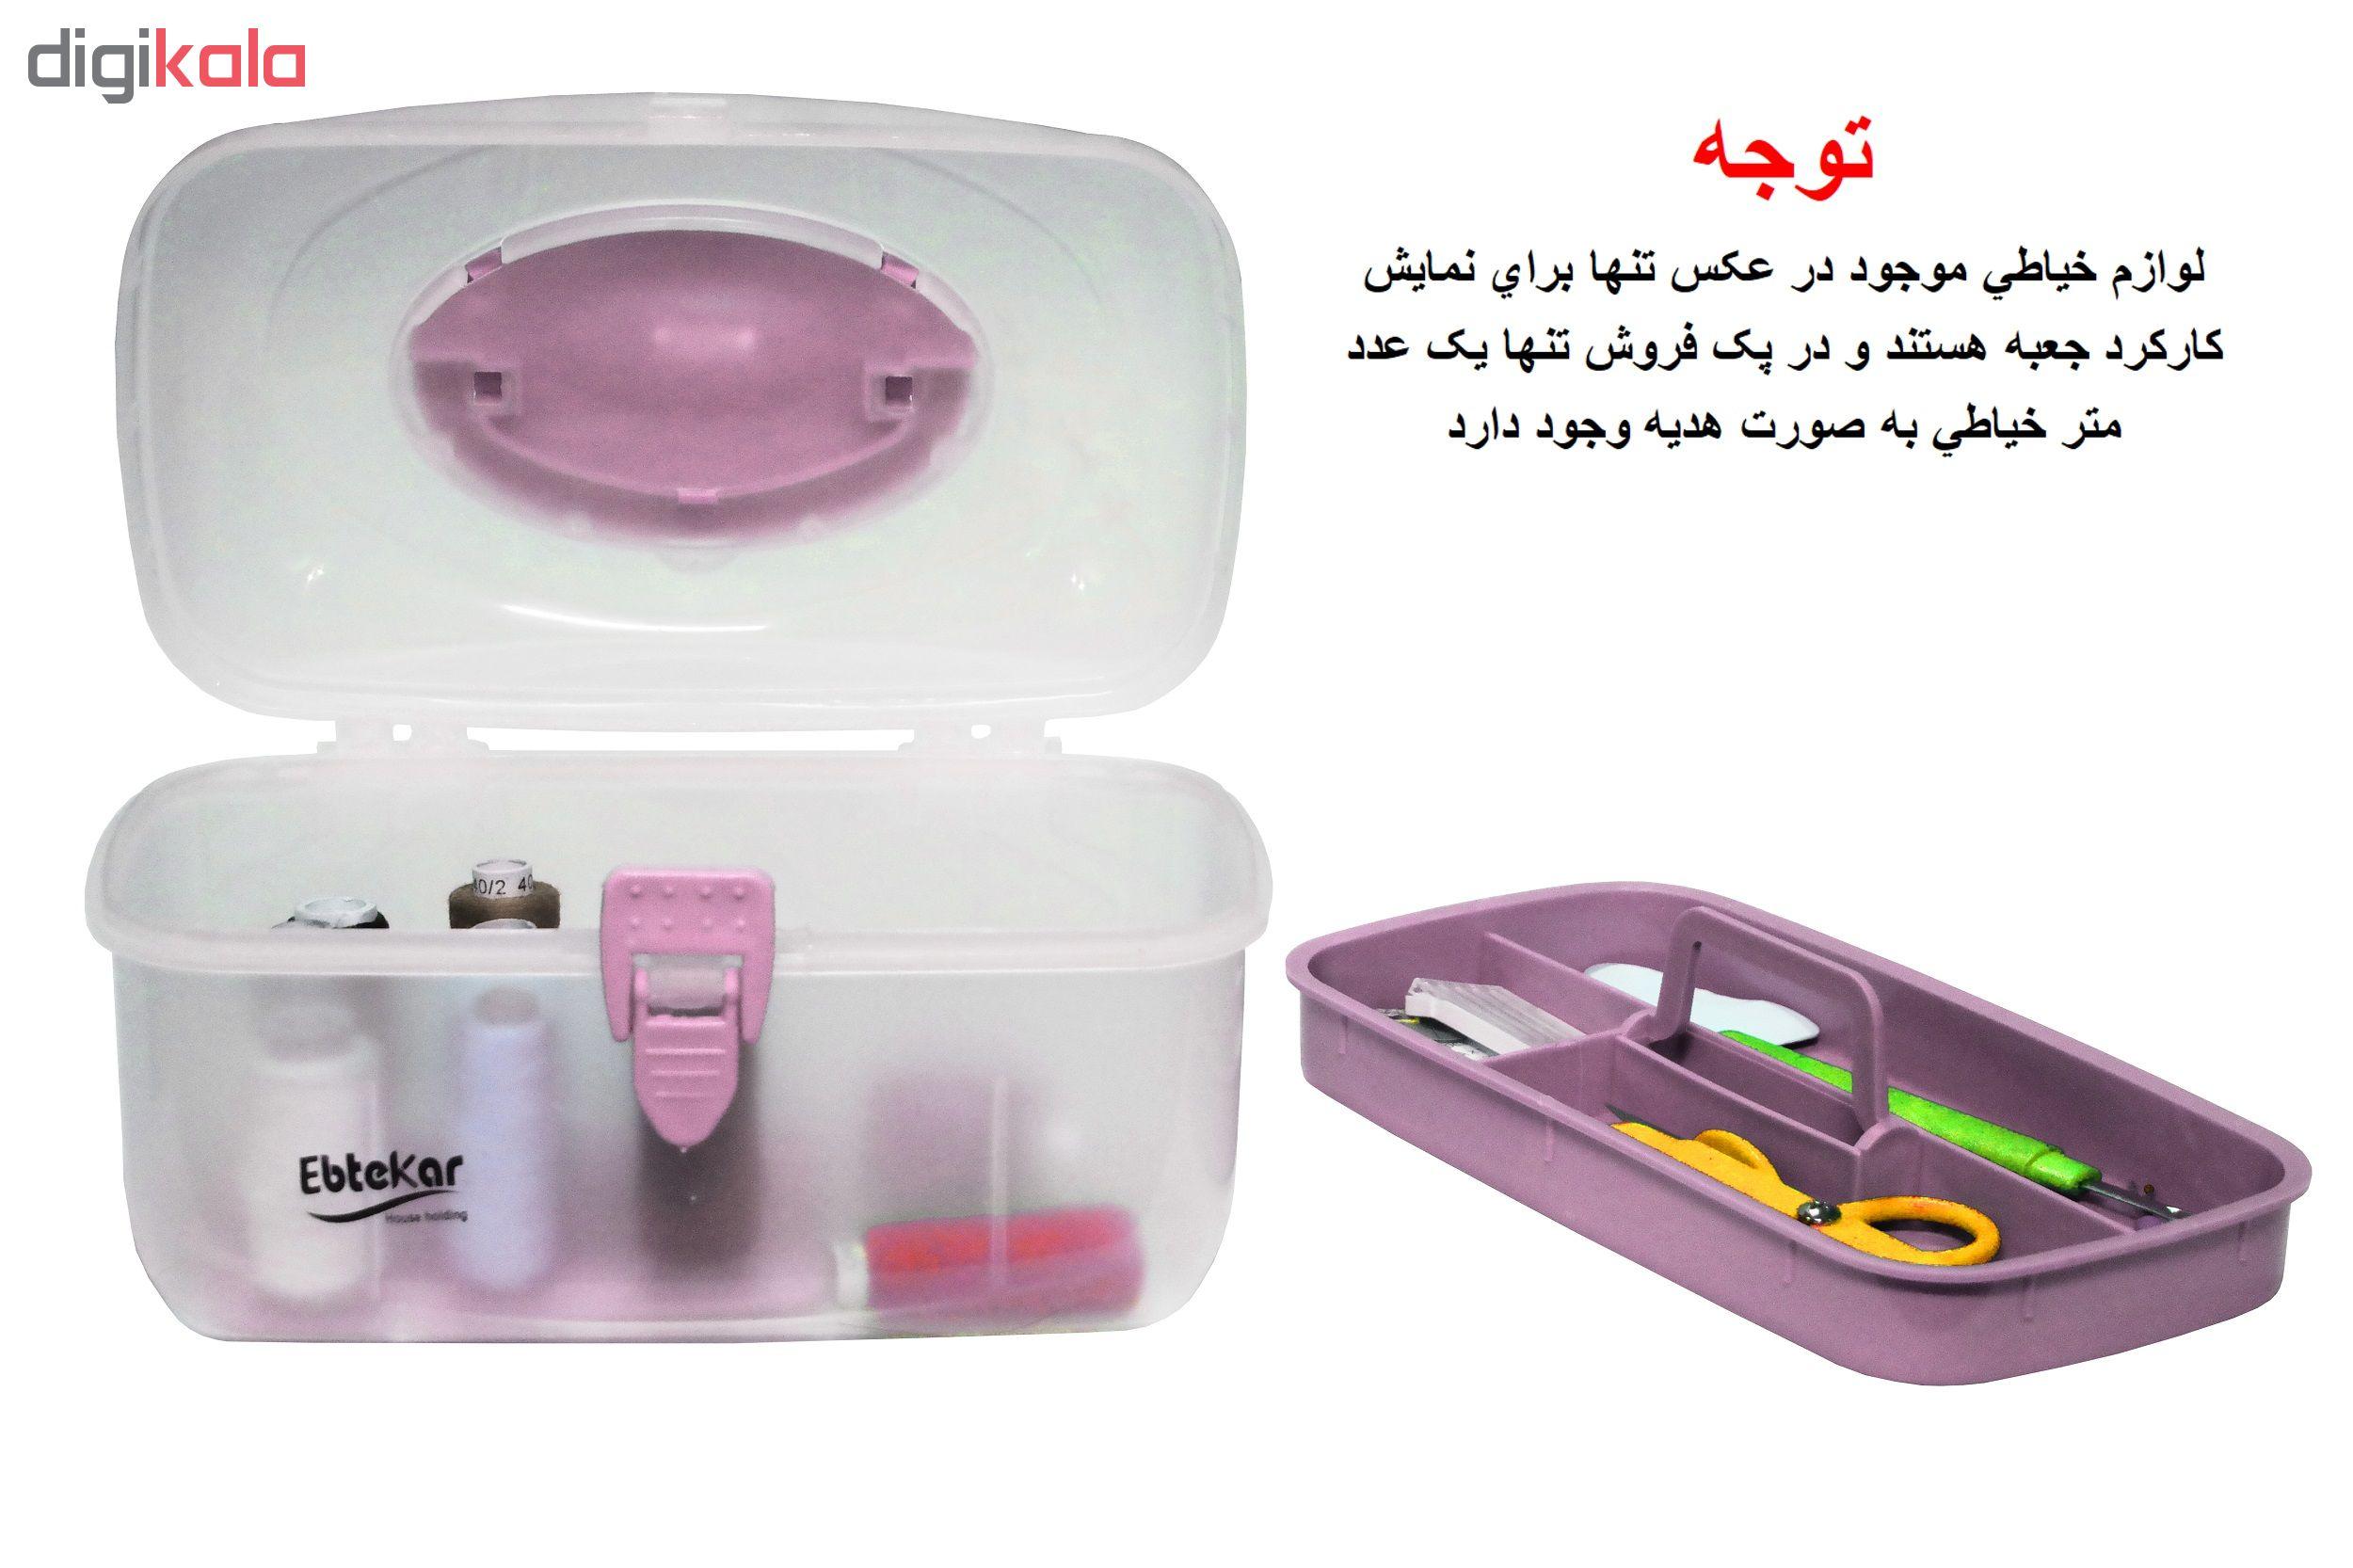 جعبه لوازم خیاطی ابتکار مدل Pink به همراه متر خیاطی main 1 4